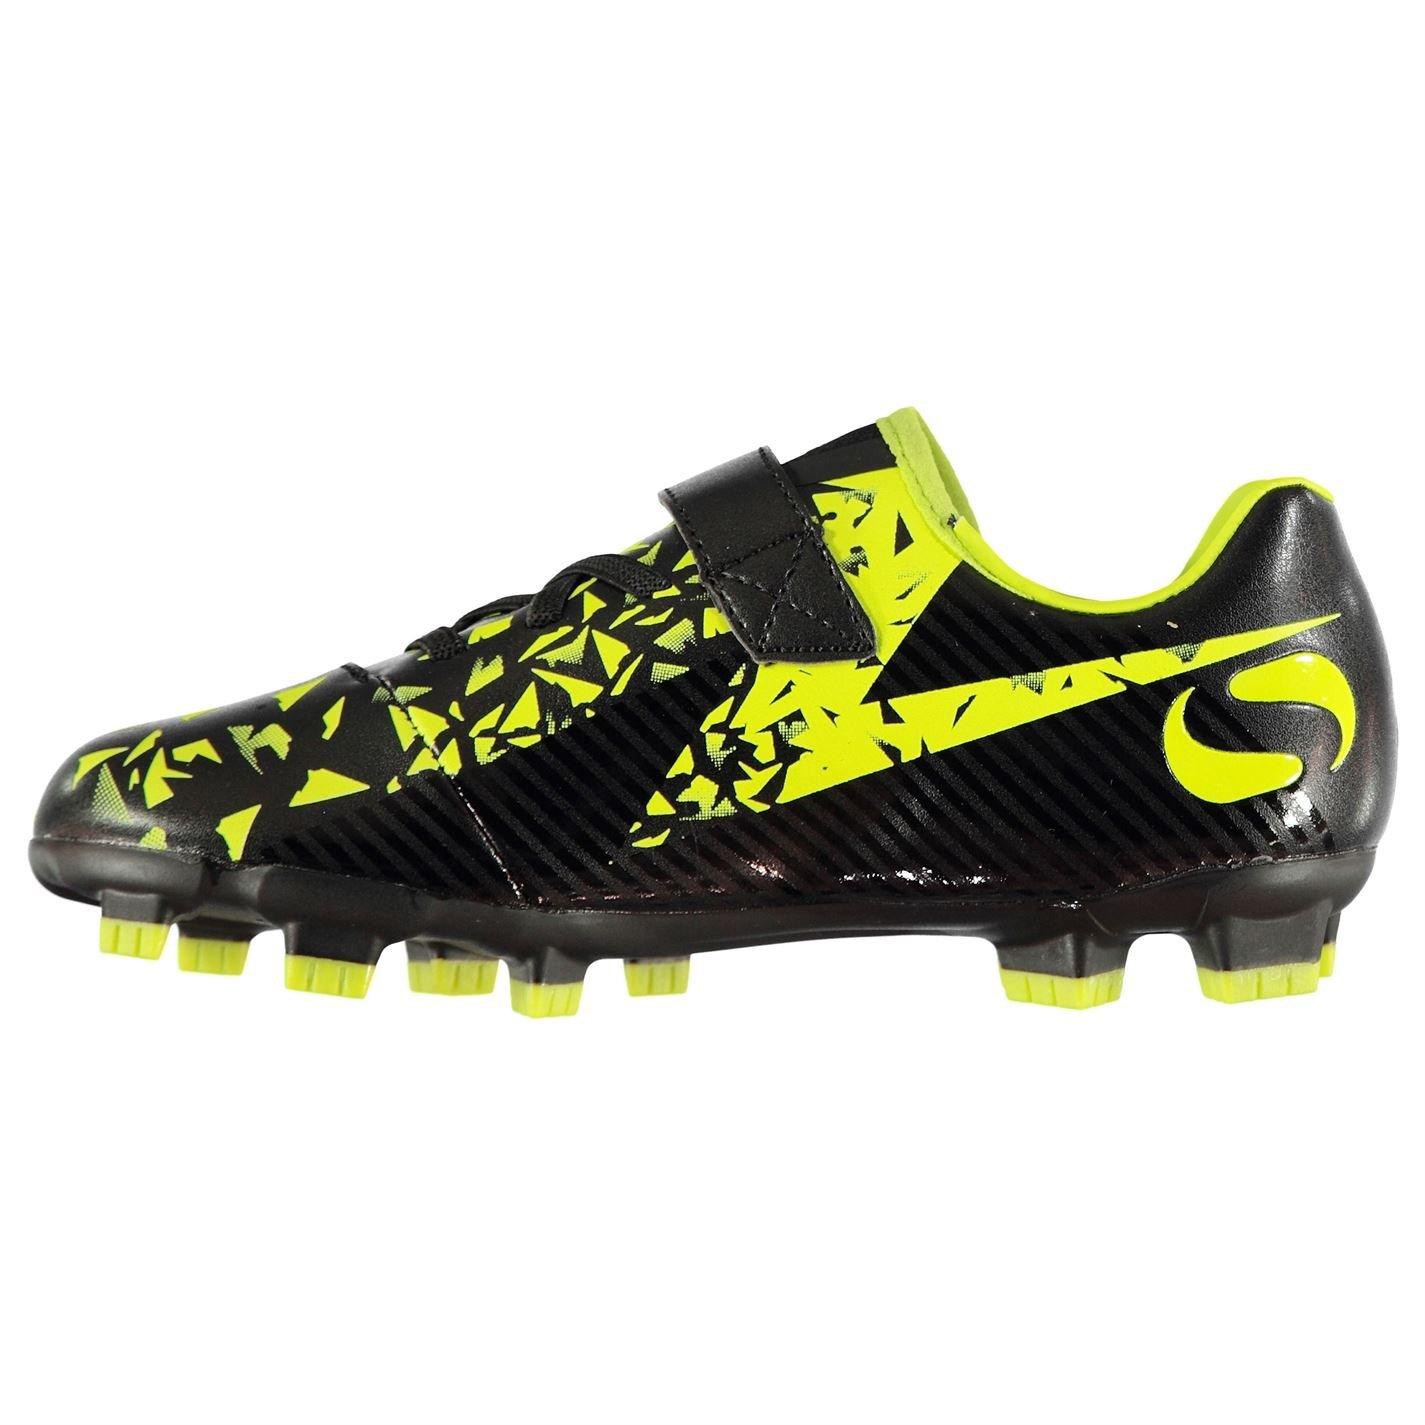 Sondico Boys Gaelic Firm Ground Football Boots Black Lime UK 2 (34)  Amazon. co.uk  Shoes   Bags 5363b4aaa39